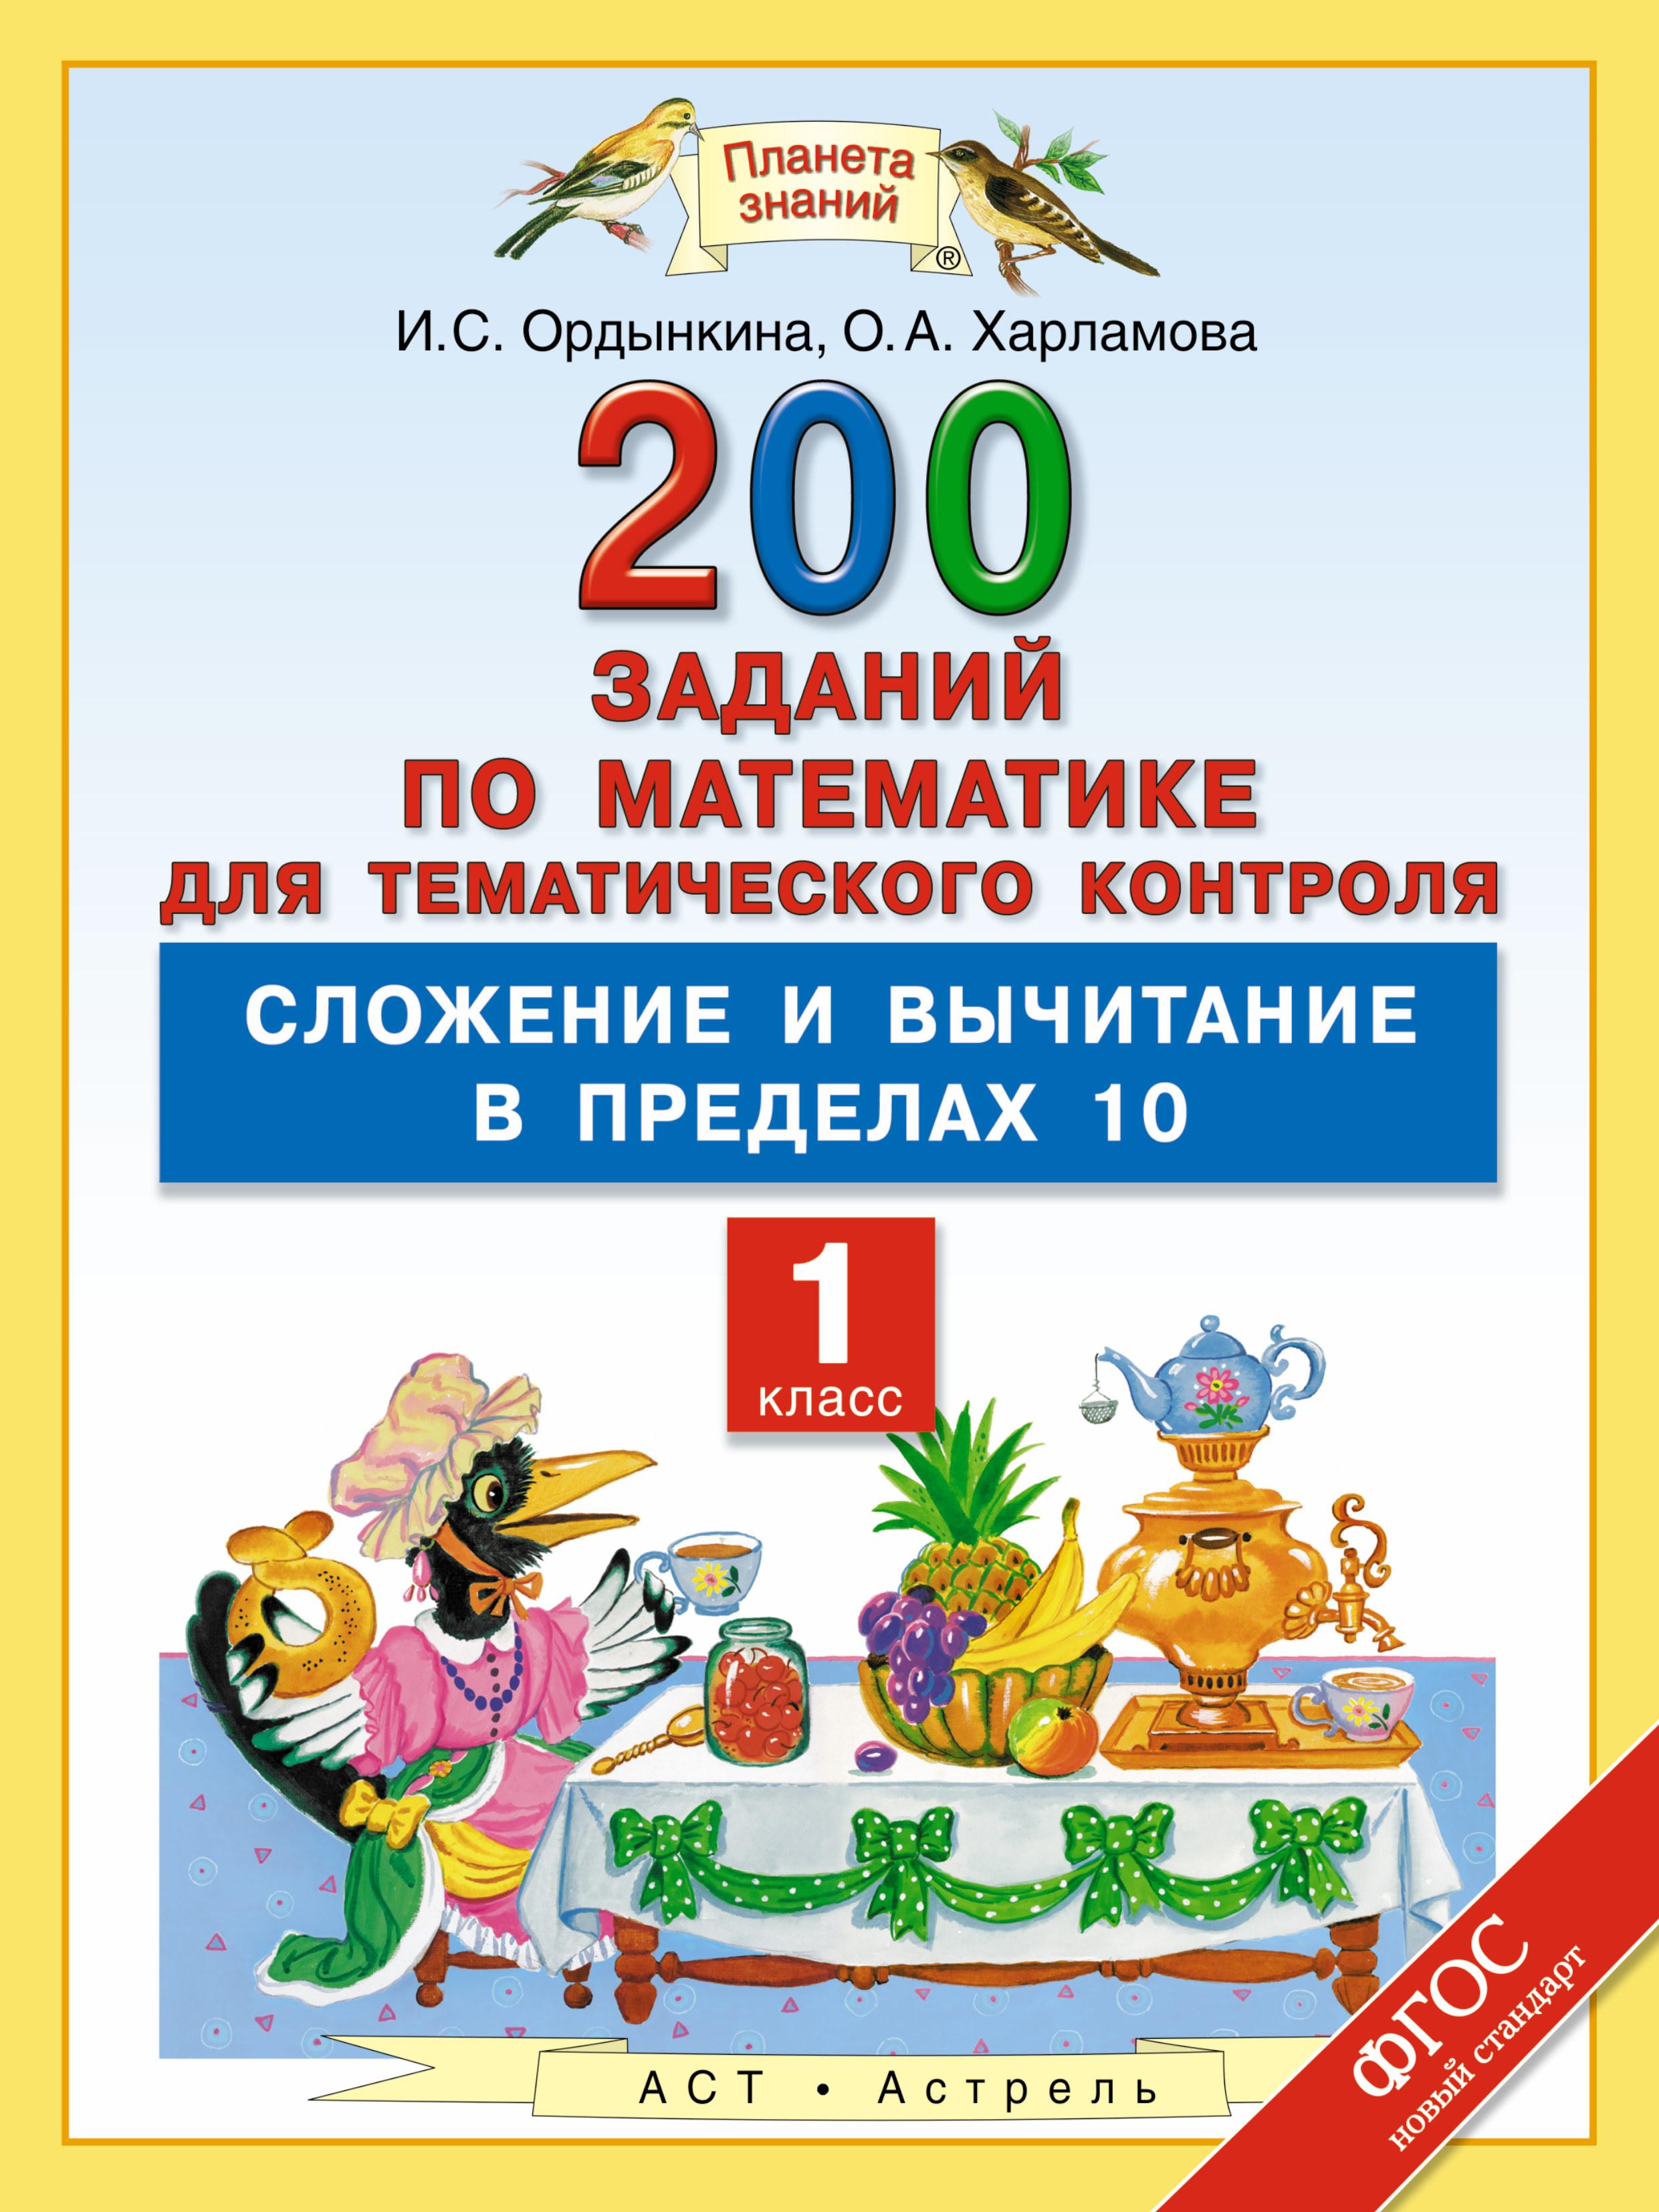 Сложение и вычитание в пределах 10. Математика. 1 класс. 200 заданий по математике для тематического контроля